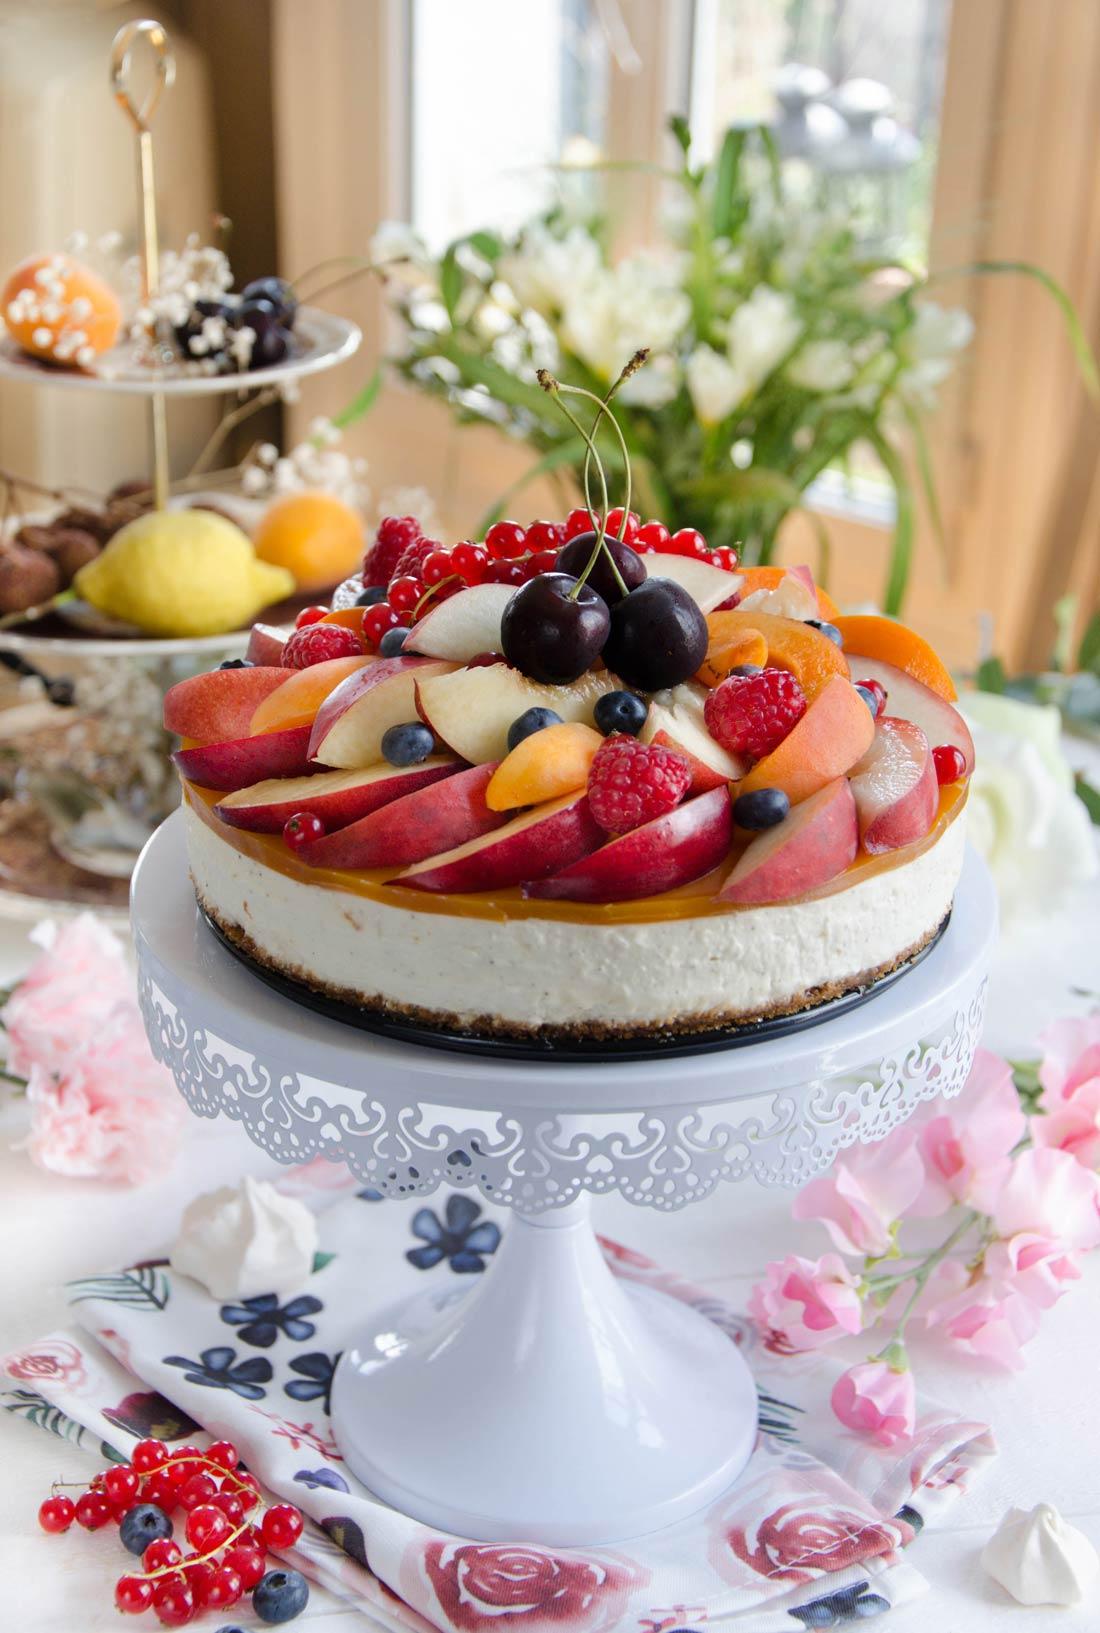 Recette de cheesecake sans cuisson aux fruits d'été maison